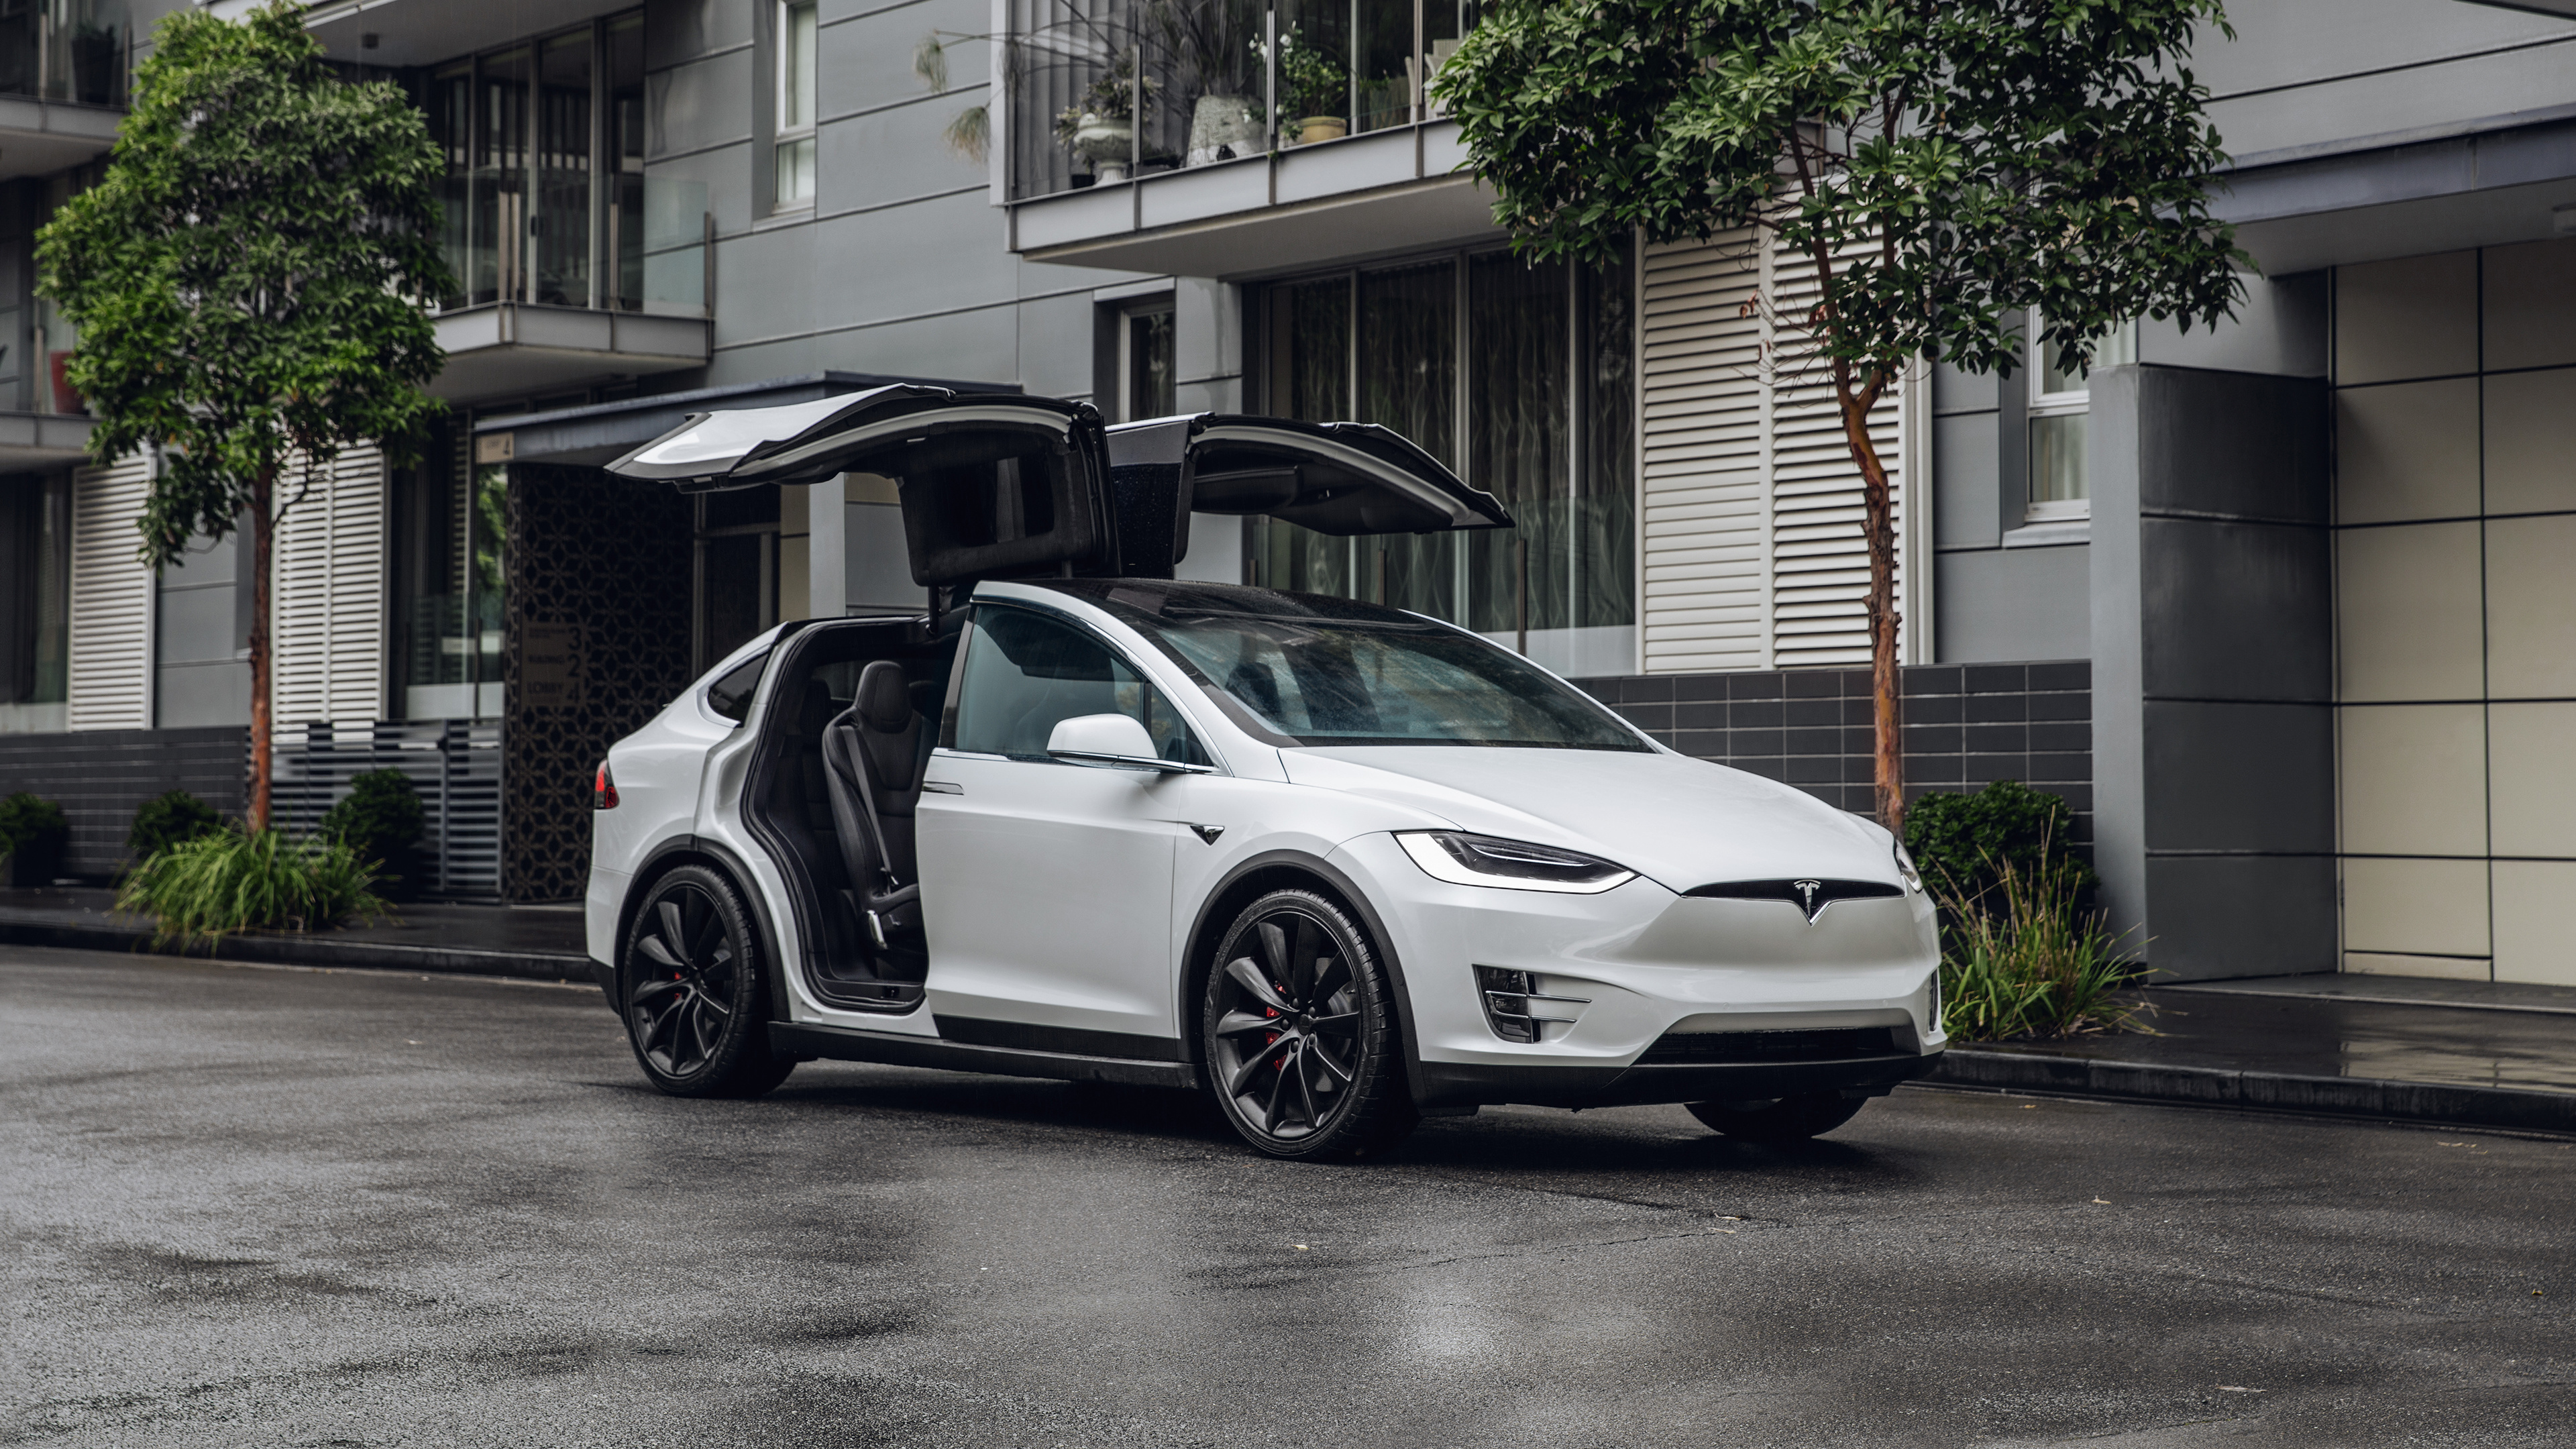 Images Tesla Motors 2017 19 Model X P100d White Automobile 3840x2160